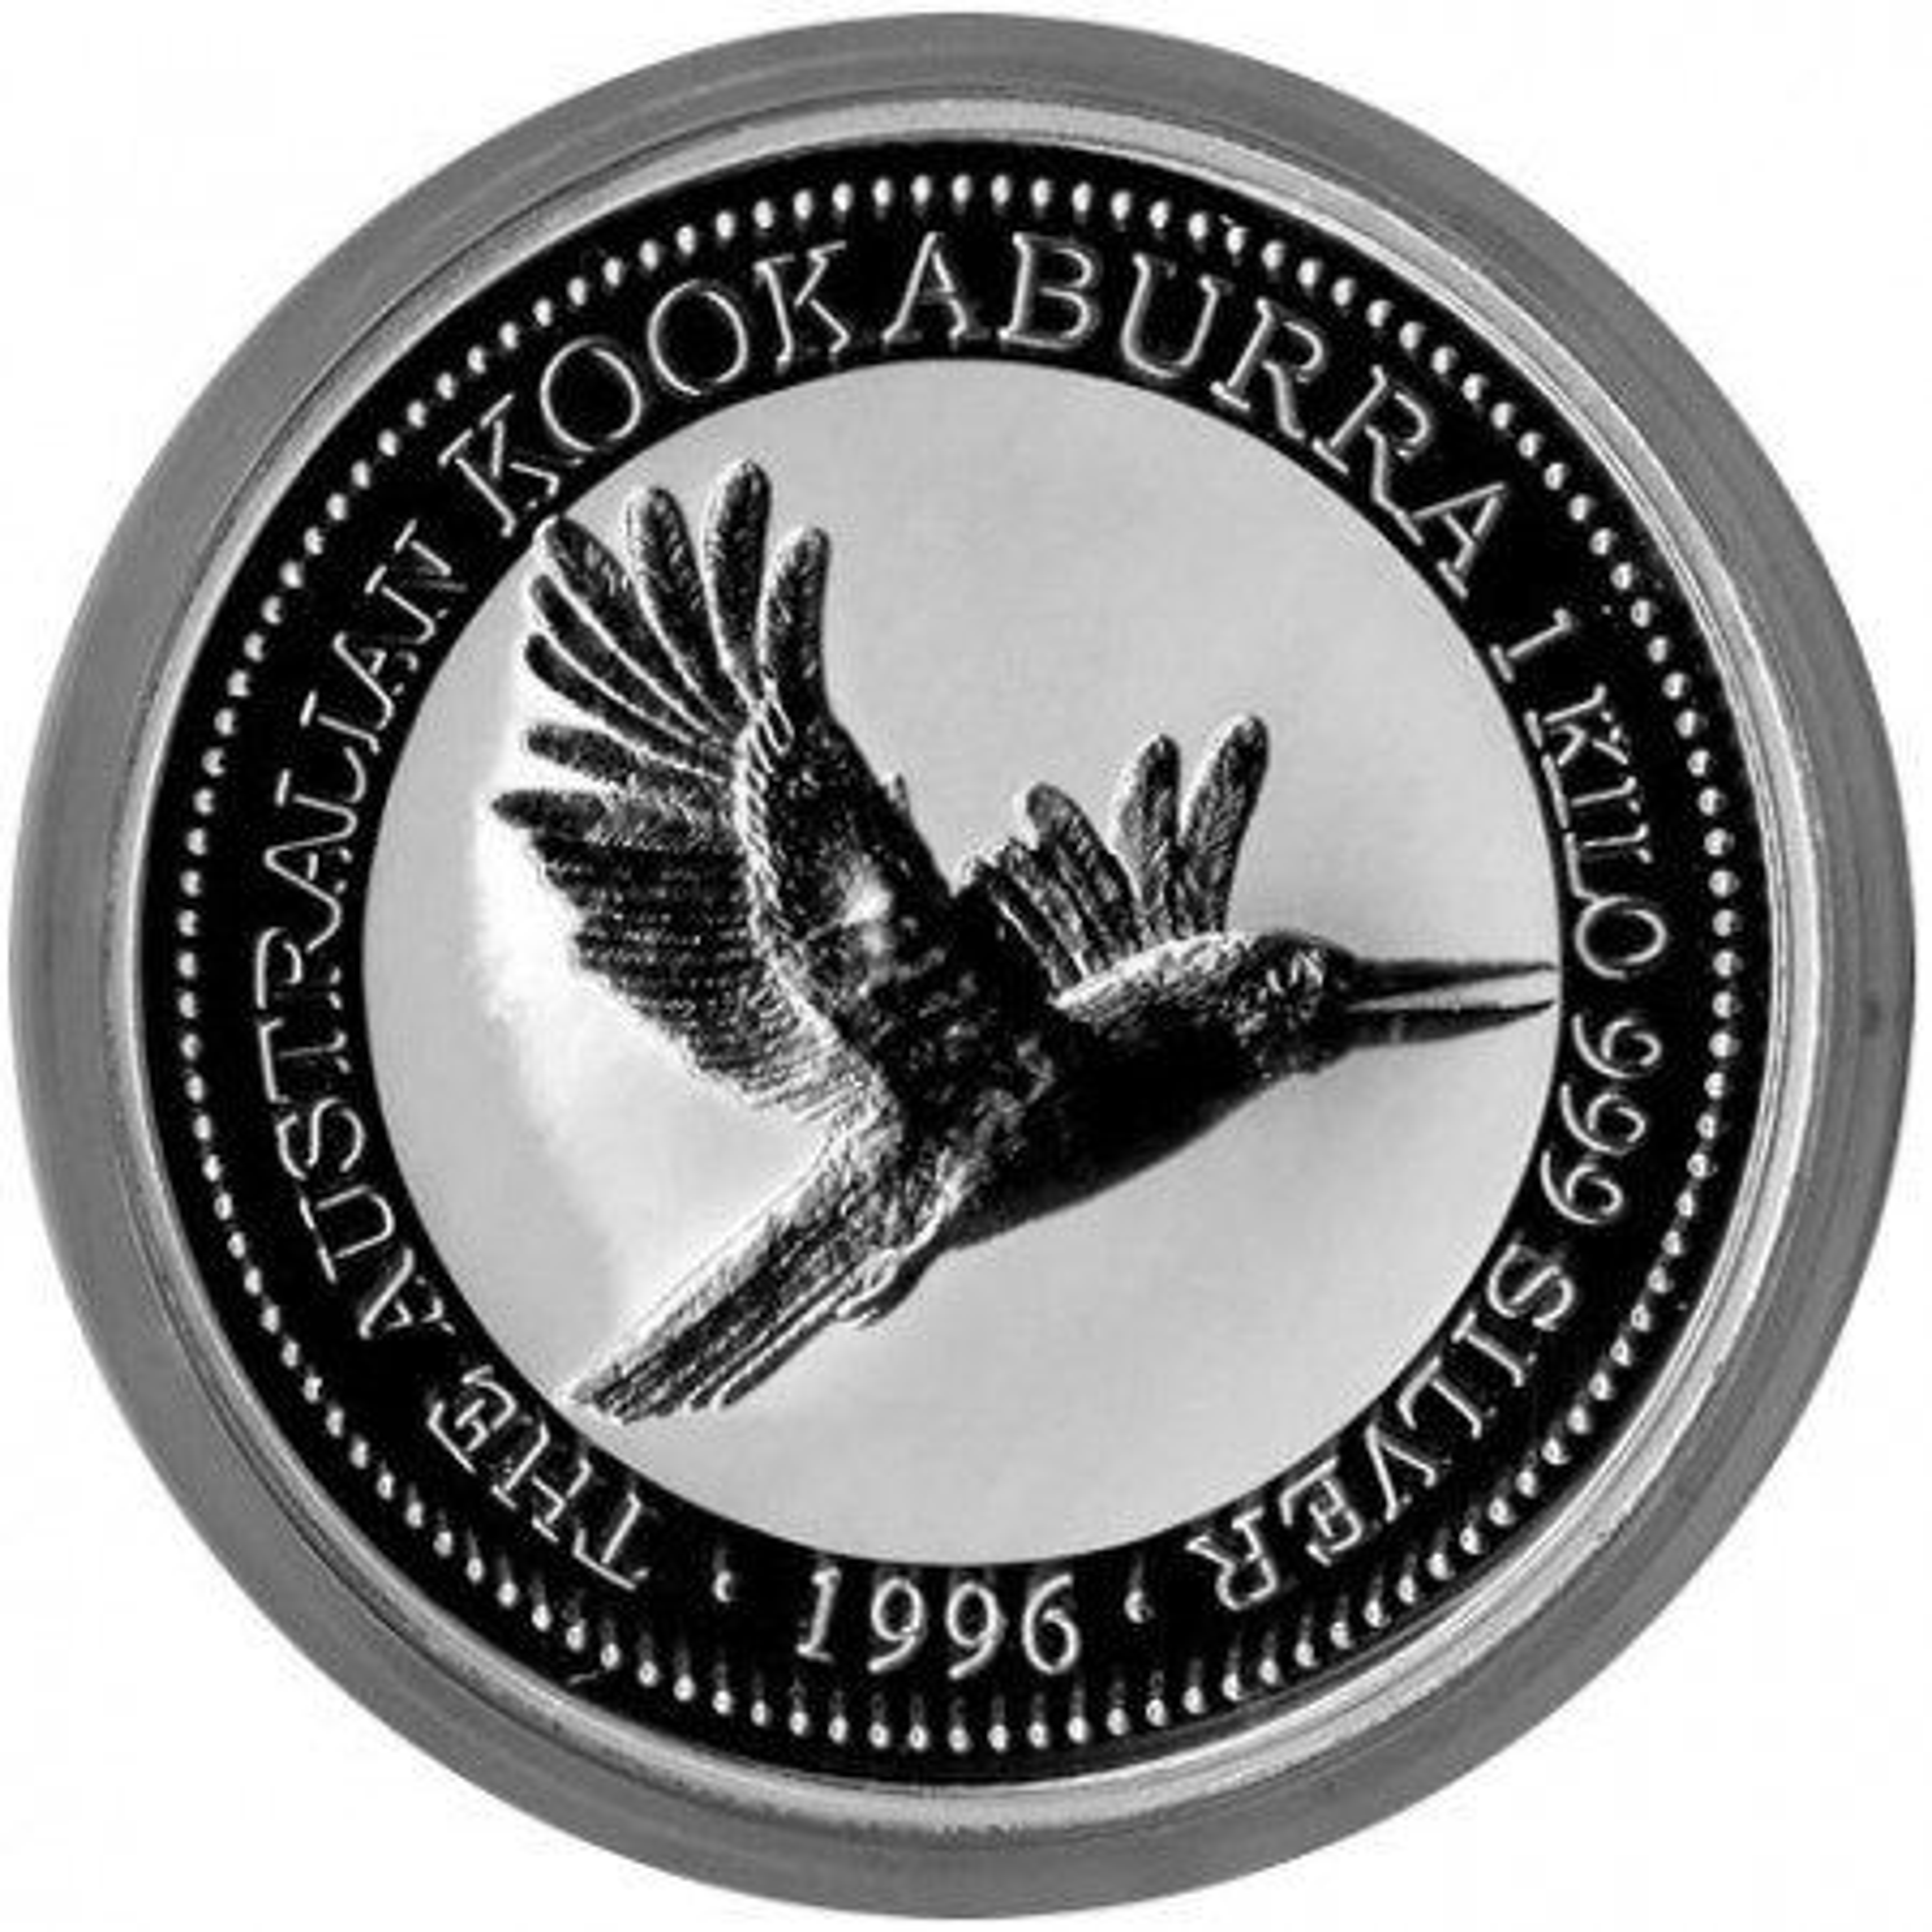 kilo Kookaburra 1996